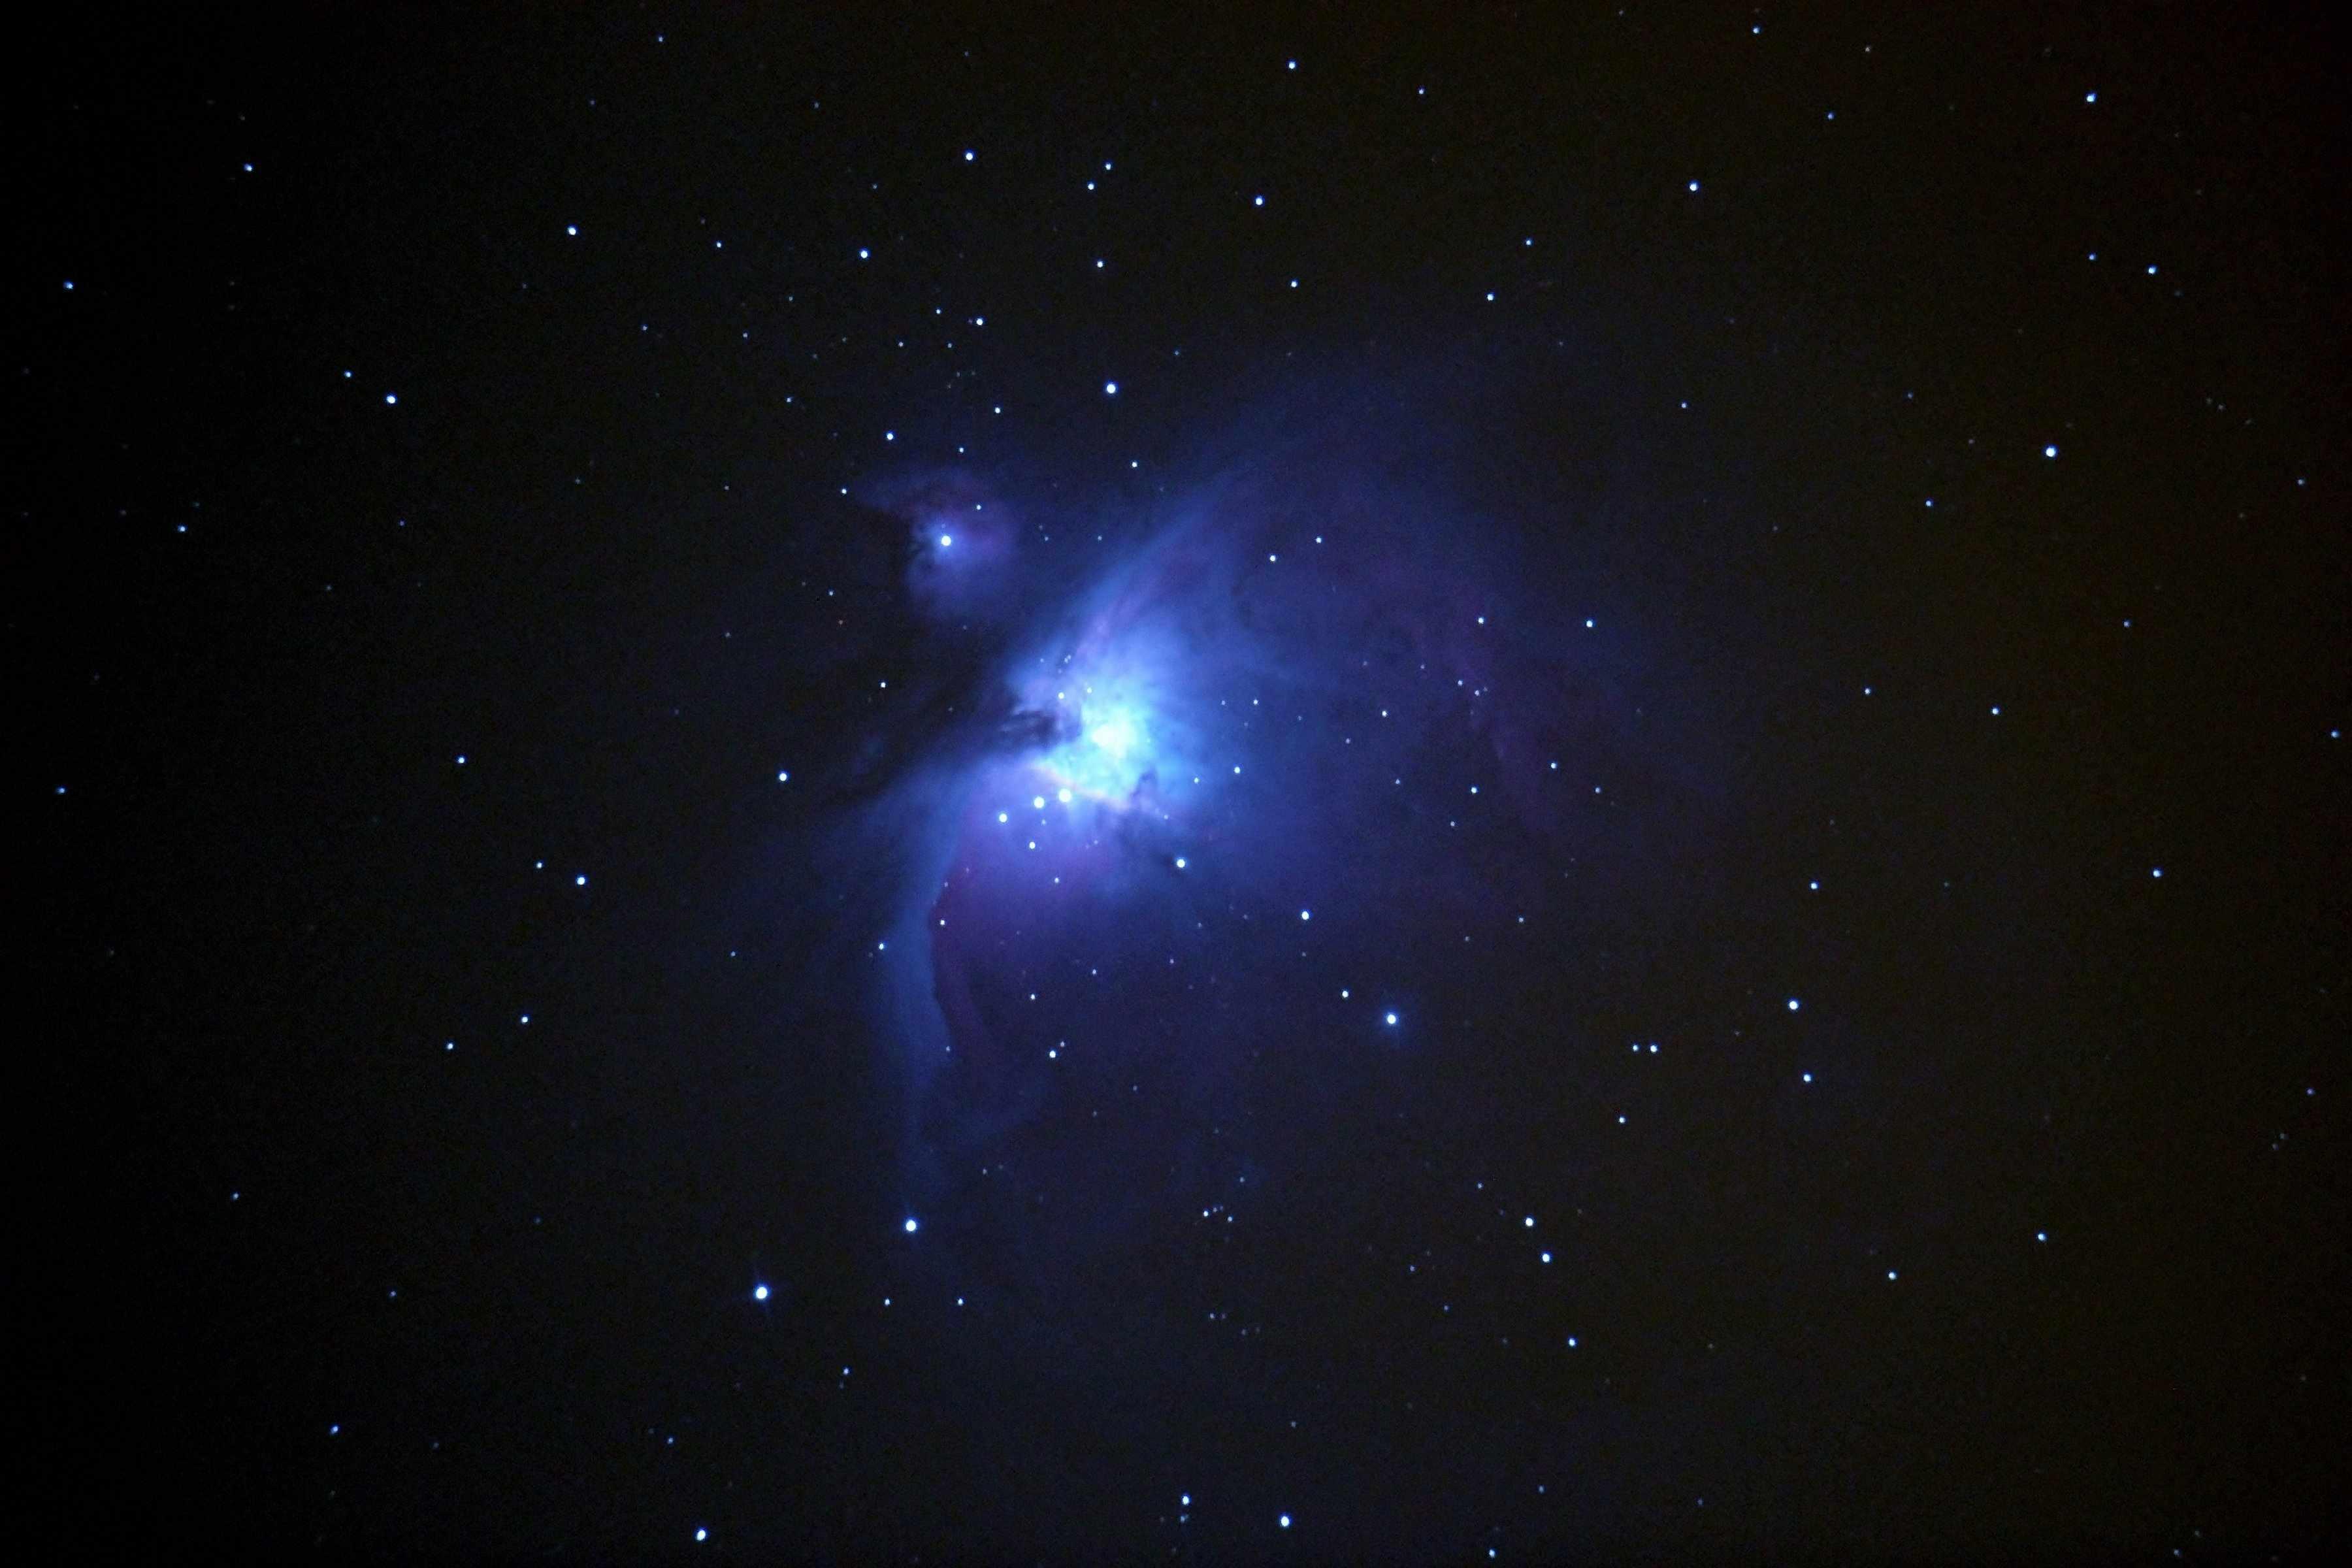 2014-11-14-Orion-Great-Nebula-1-small-afa7aa0